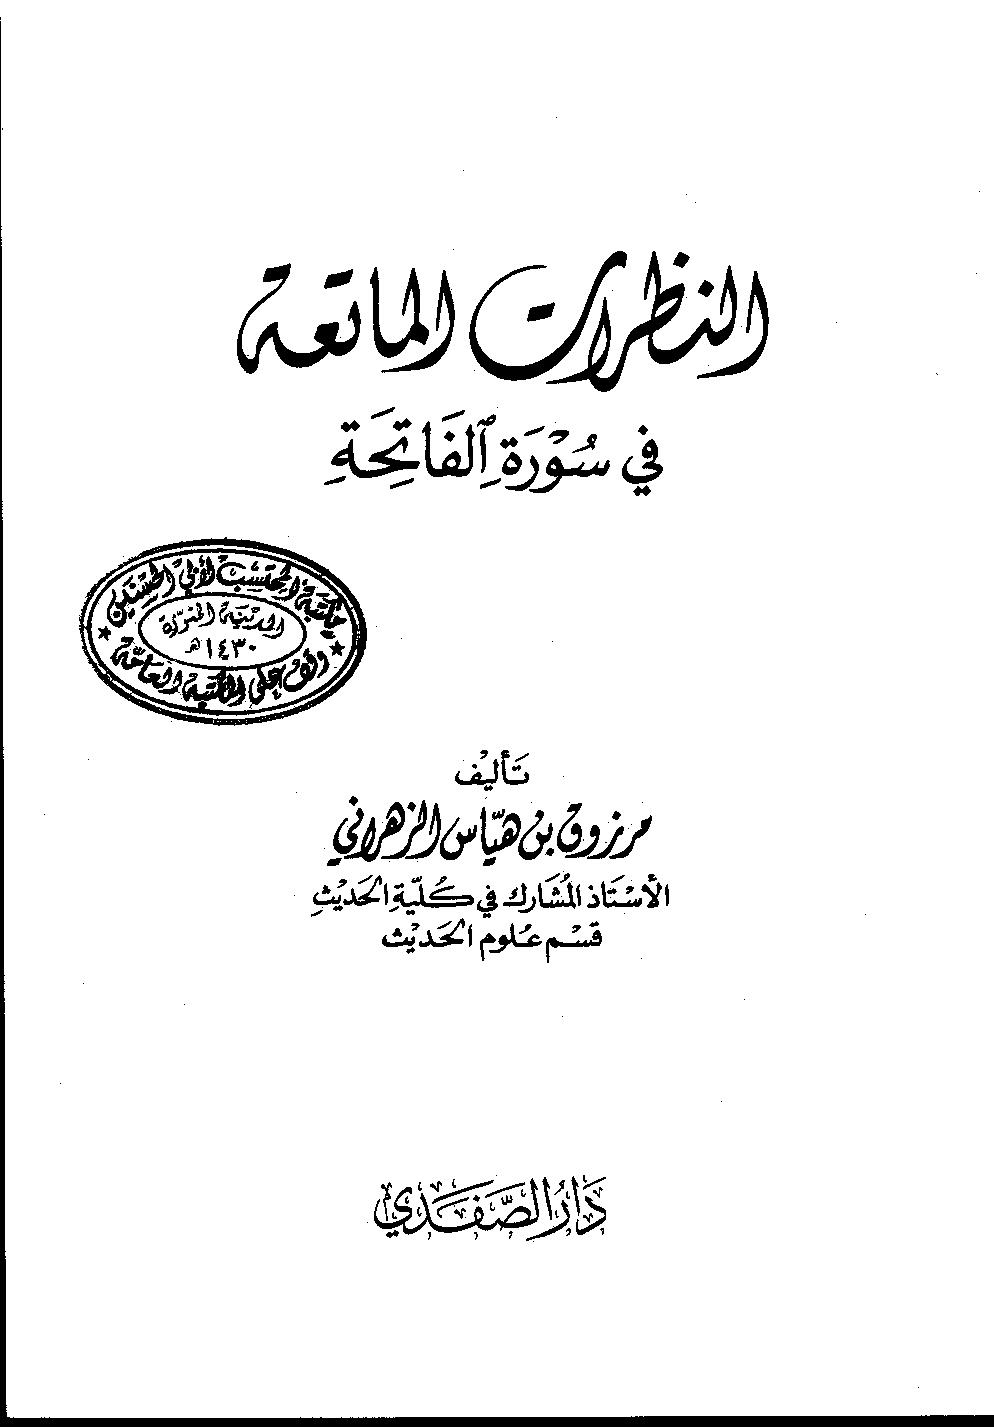 تحميل كتاب النظرات الماتعة في سورة الفاتحة لـِ: الدكتور مرزوق بن هياس آل مرزوق الزهراني